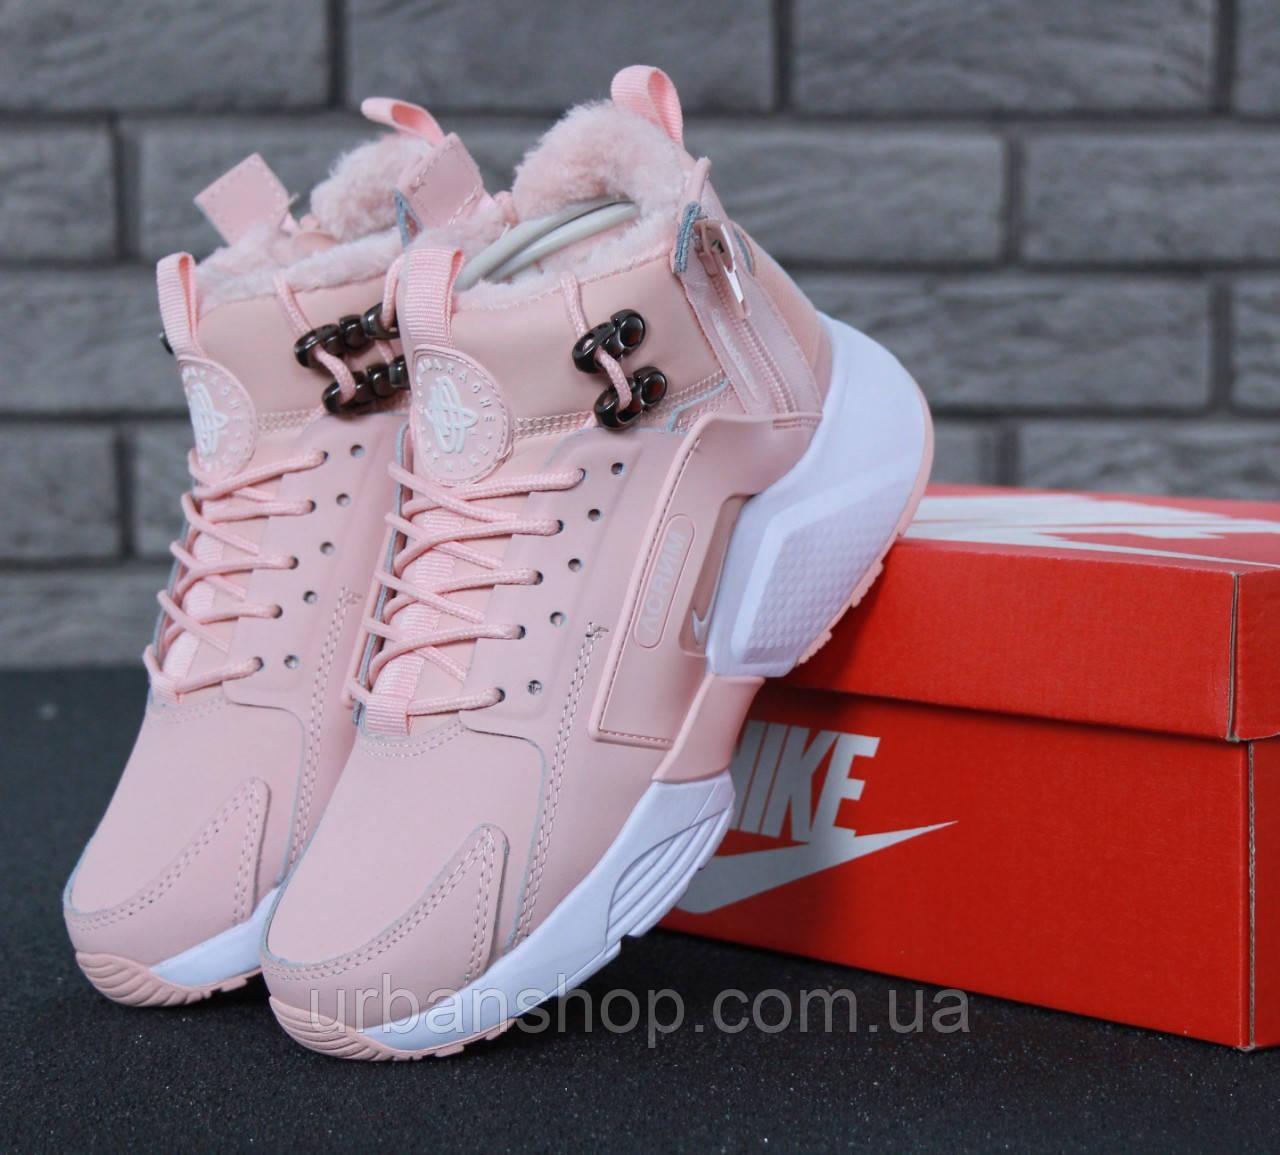 Зимові кросівки Nike Huarache X Acronym City Winter Pink с хутром, Жіночі кросівки. ТОП Репліка ААА класу.